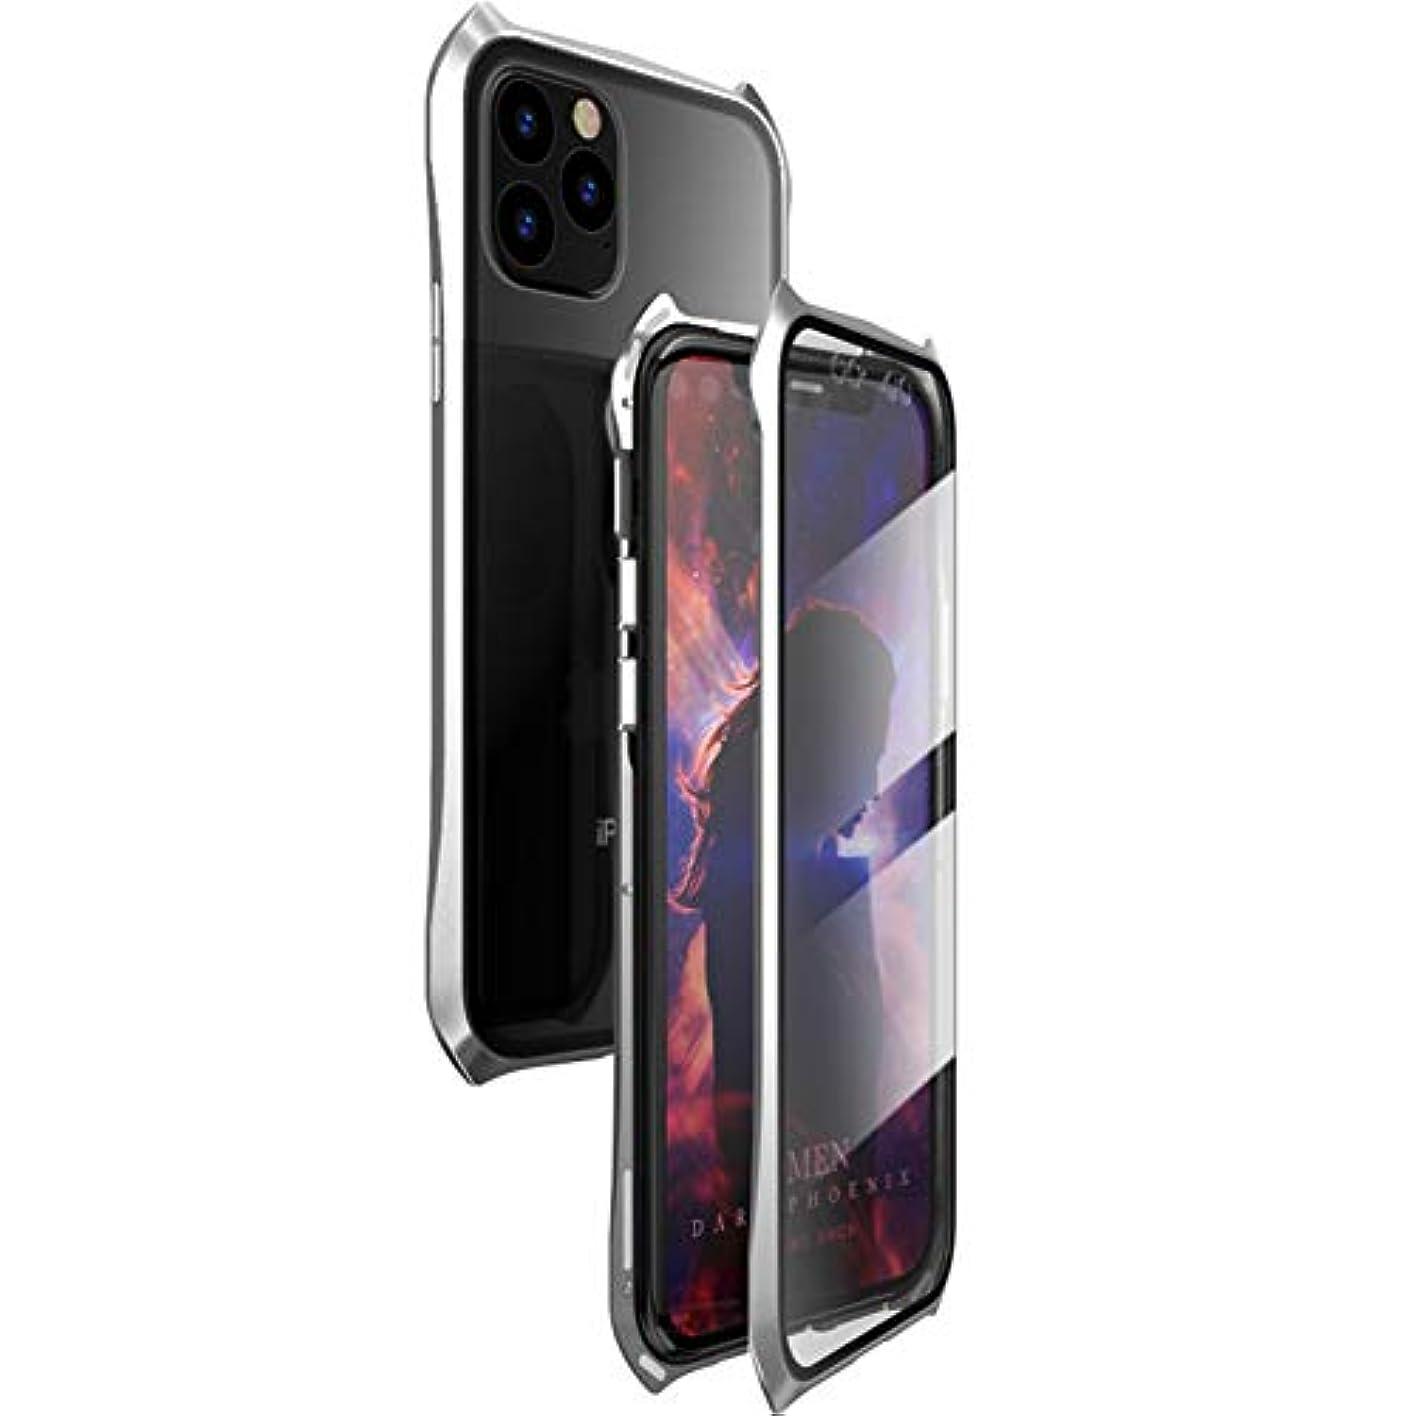 真似るジャム扇動Iphone 保護カバー - 携帯電話シェル両面ガラス磁気キングアップル11保護カバーオールインクルーシブアンチフォール男性と女性の